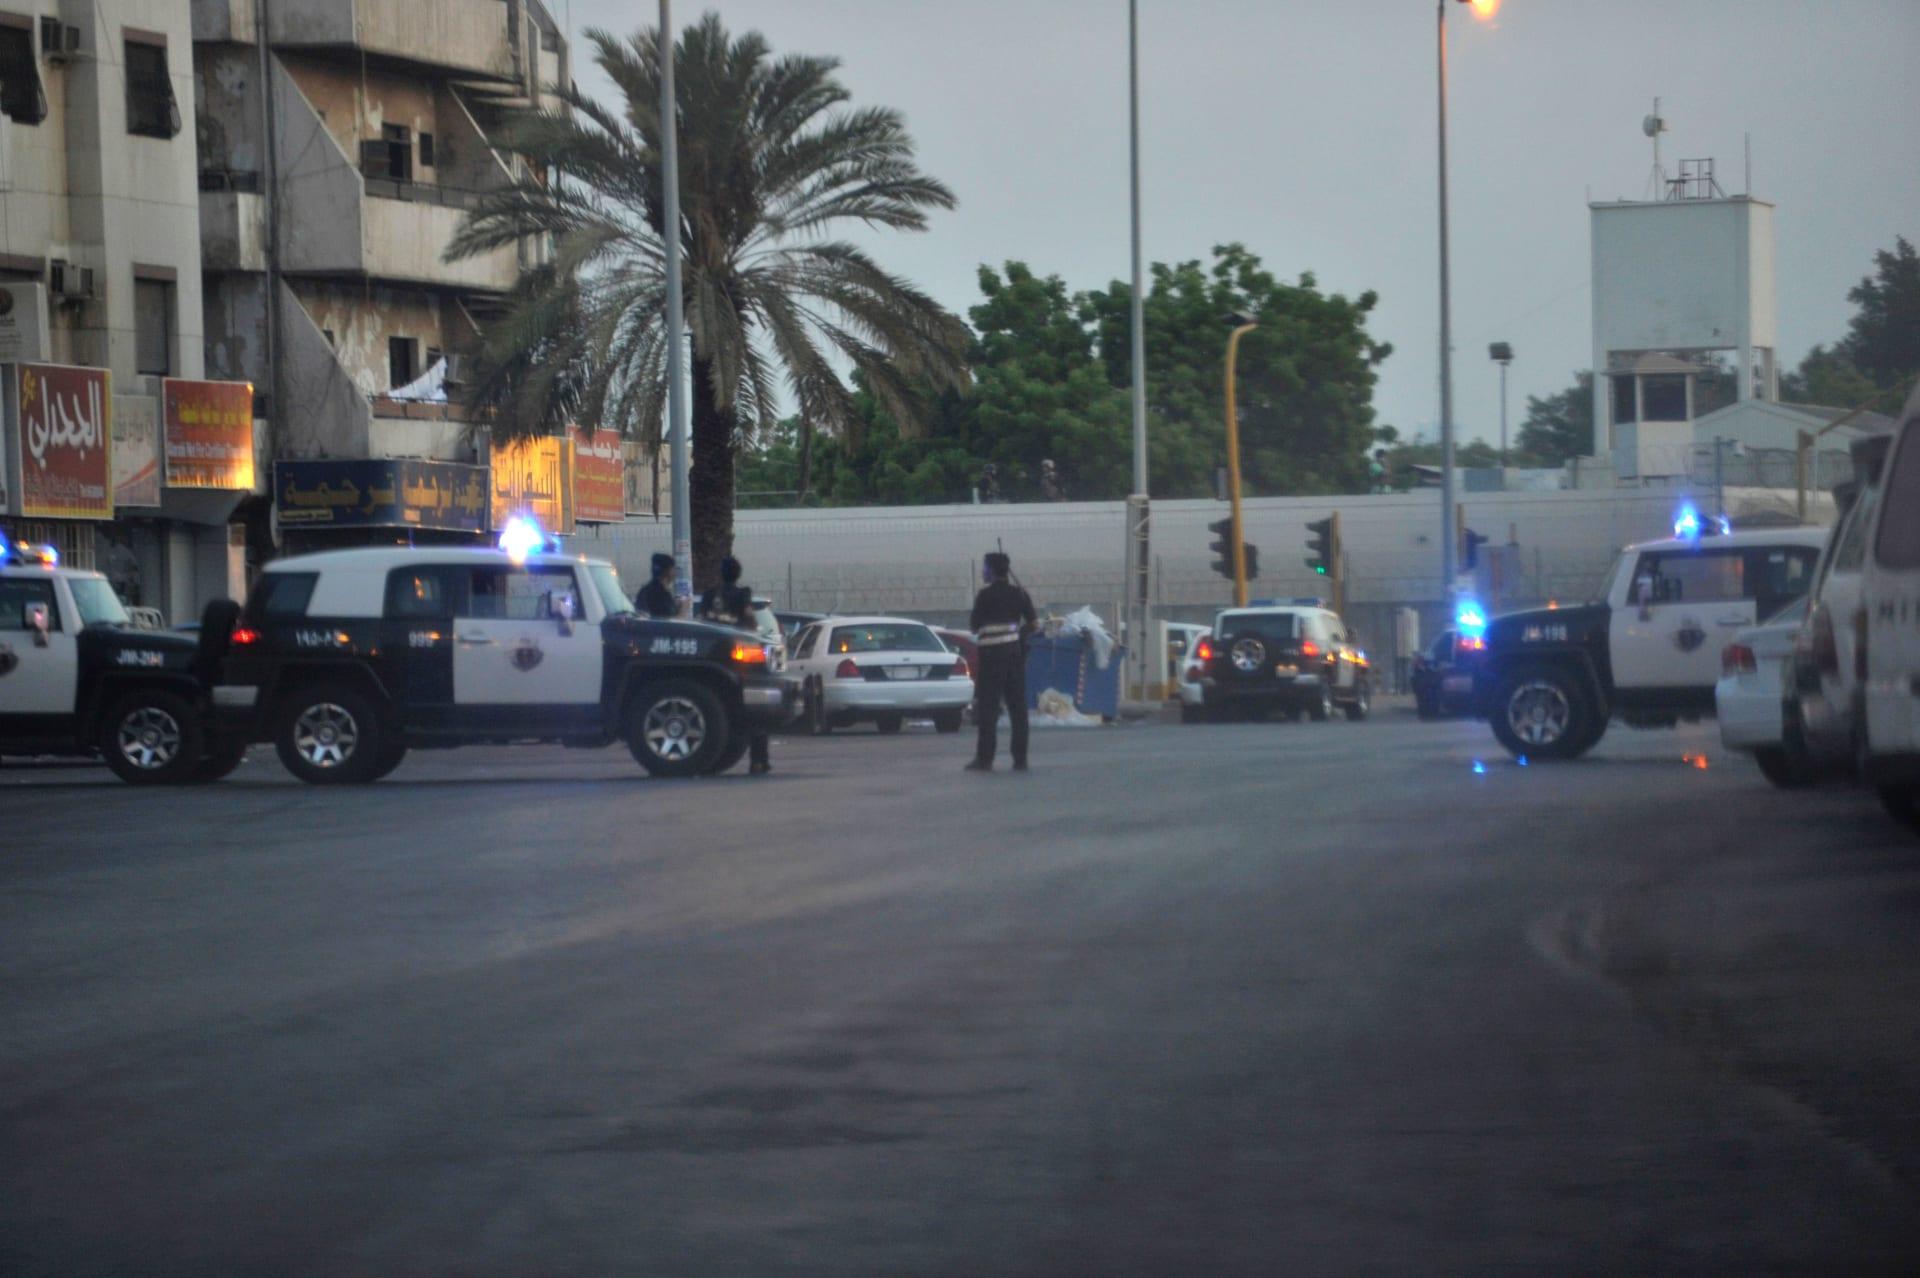 تقارير: إحباط هجوم مسلح على مركز أمني شمال العاصمة السعودية